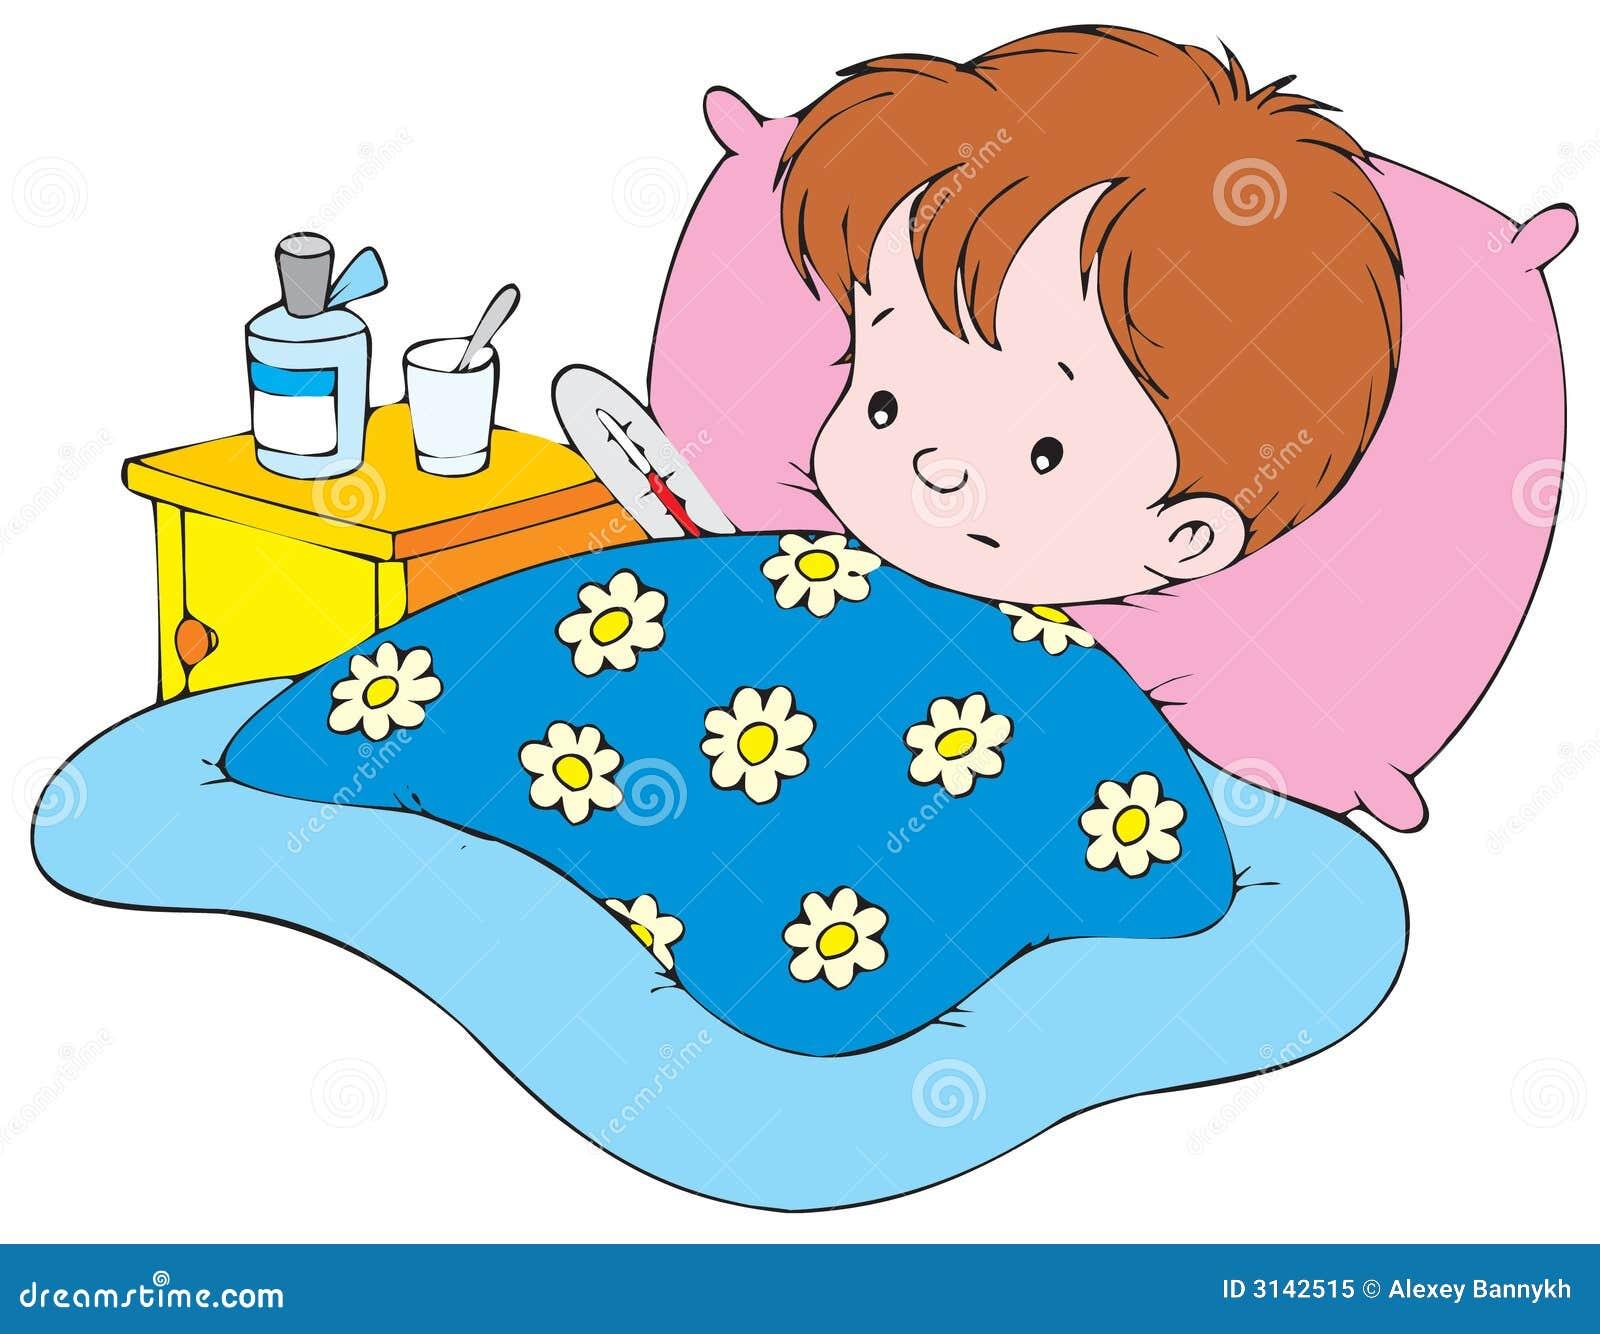 Free Cartoon Hospital Bed